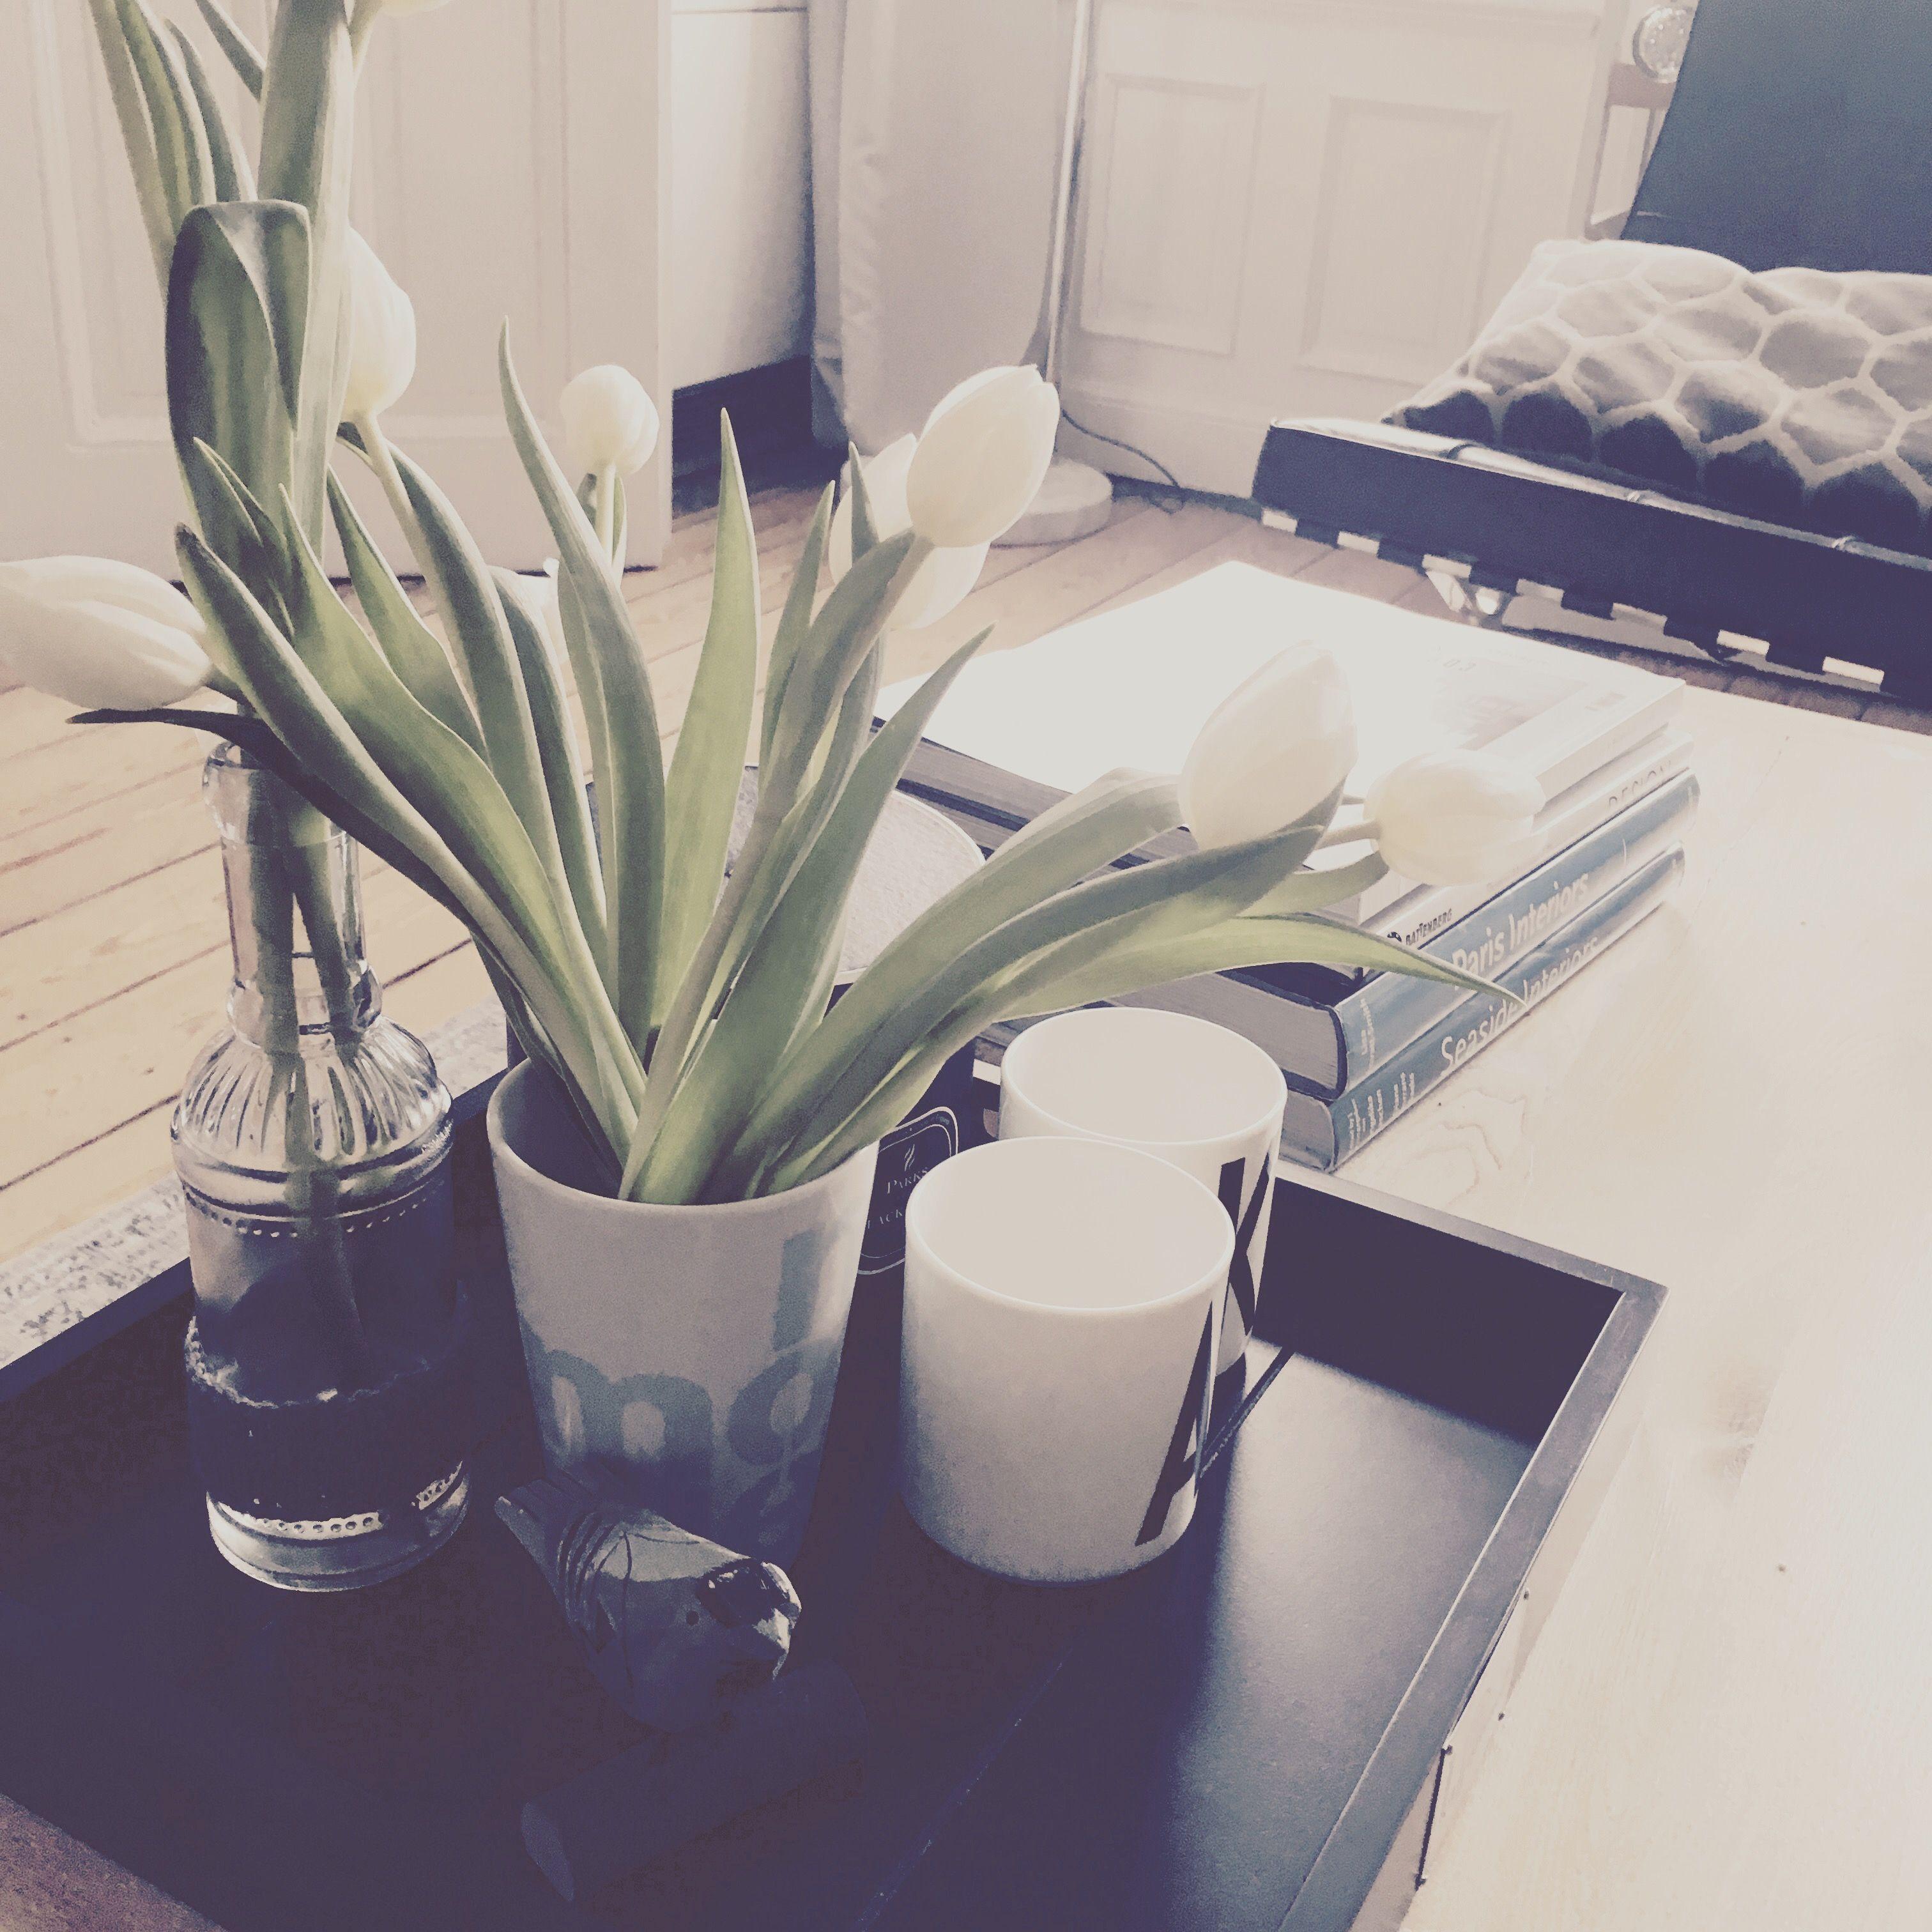 Zuhause ist am schønsten. #a&k #zuhauseistamschönsten #hygge #cozyup ...